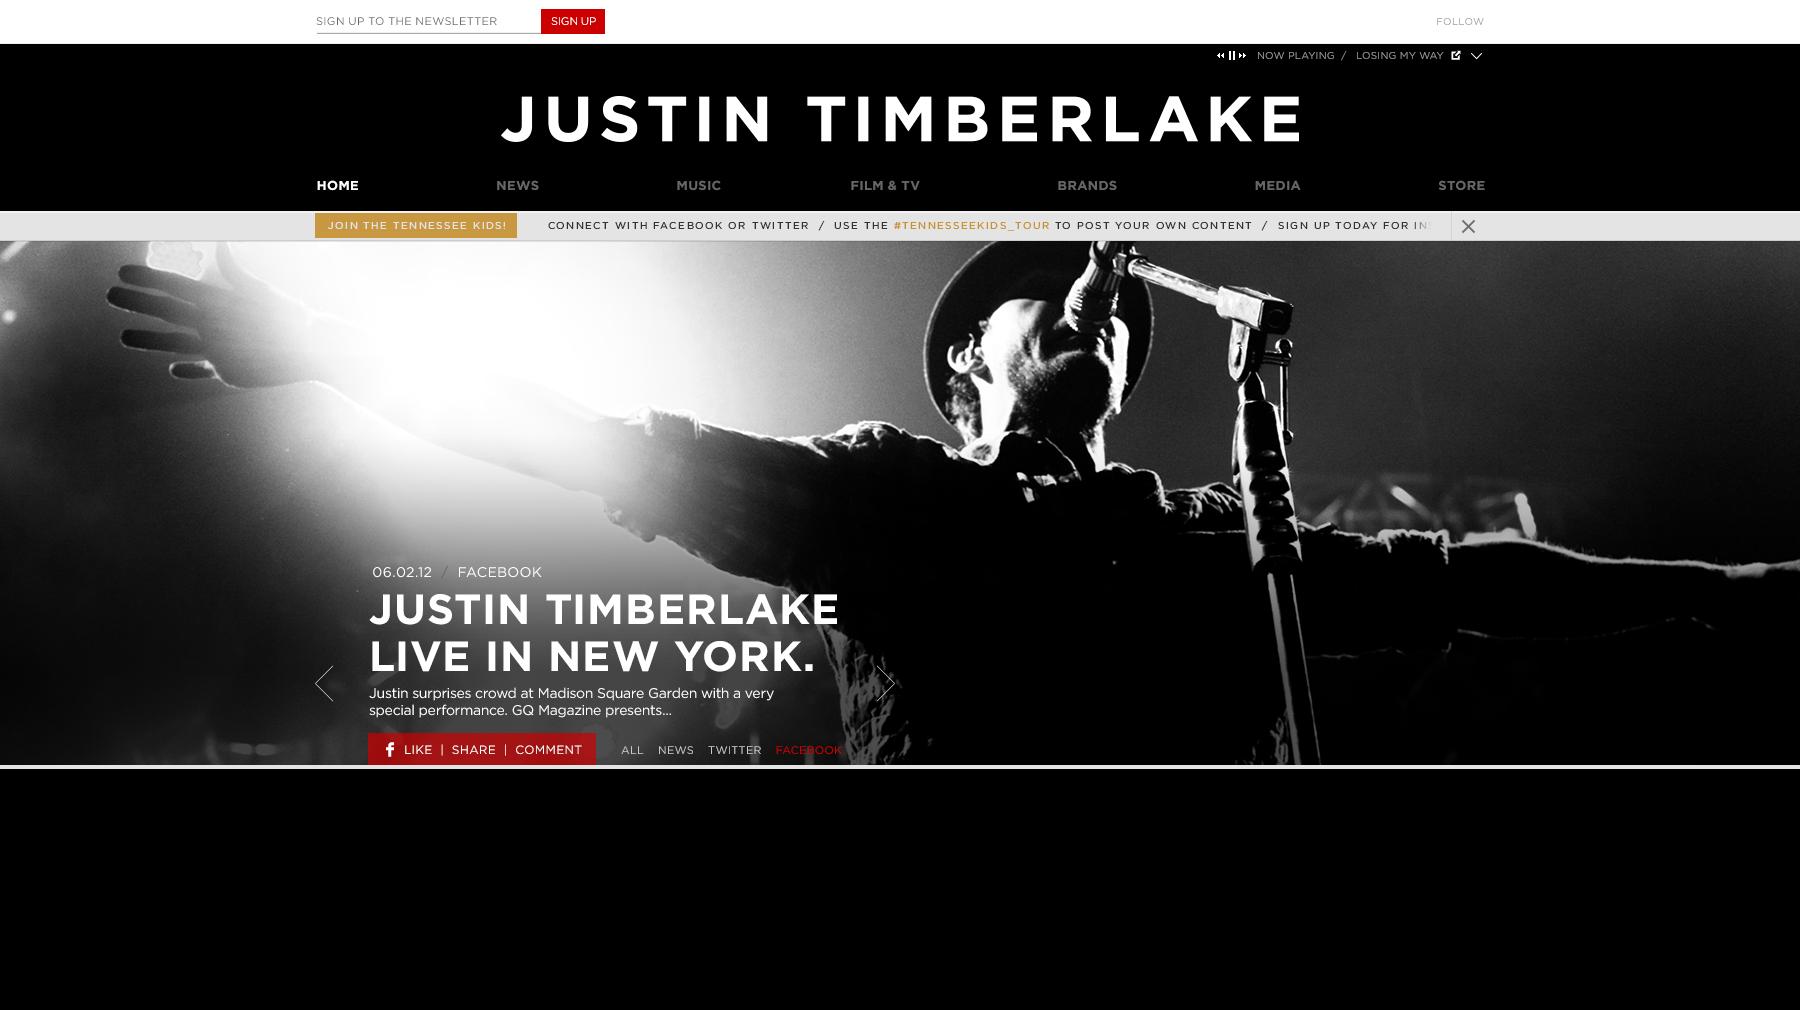 Justin Timberlake Music